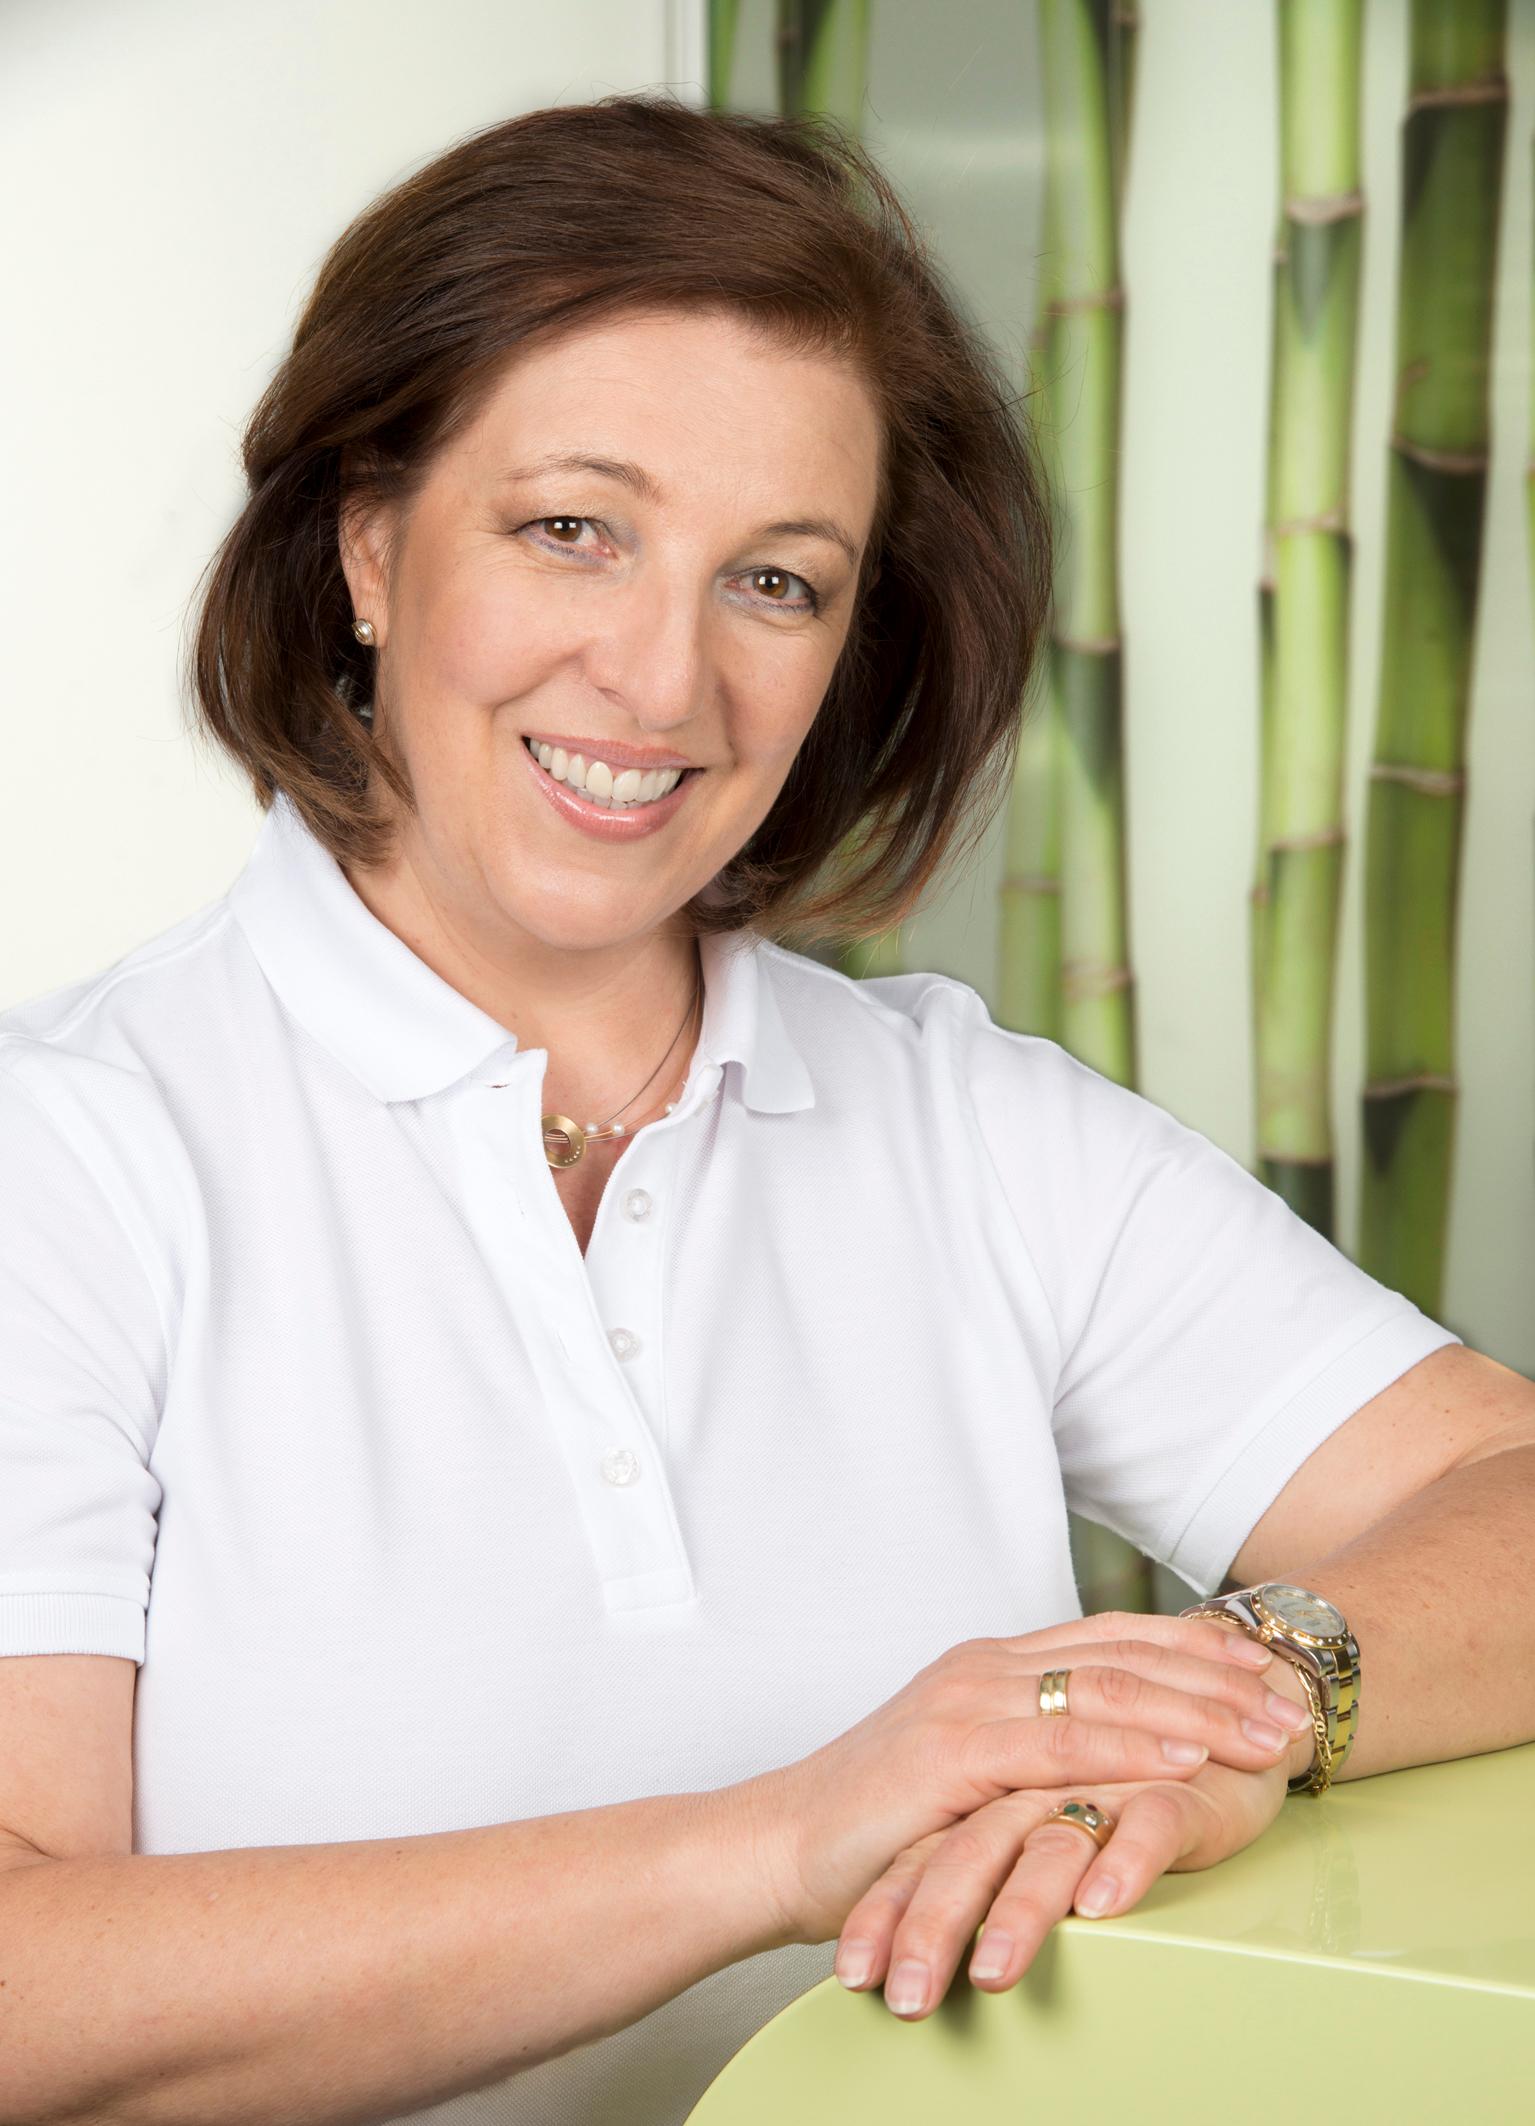 Dr. Ute Jaklitsch-Willhuber